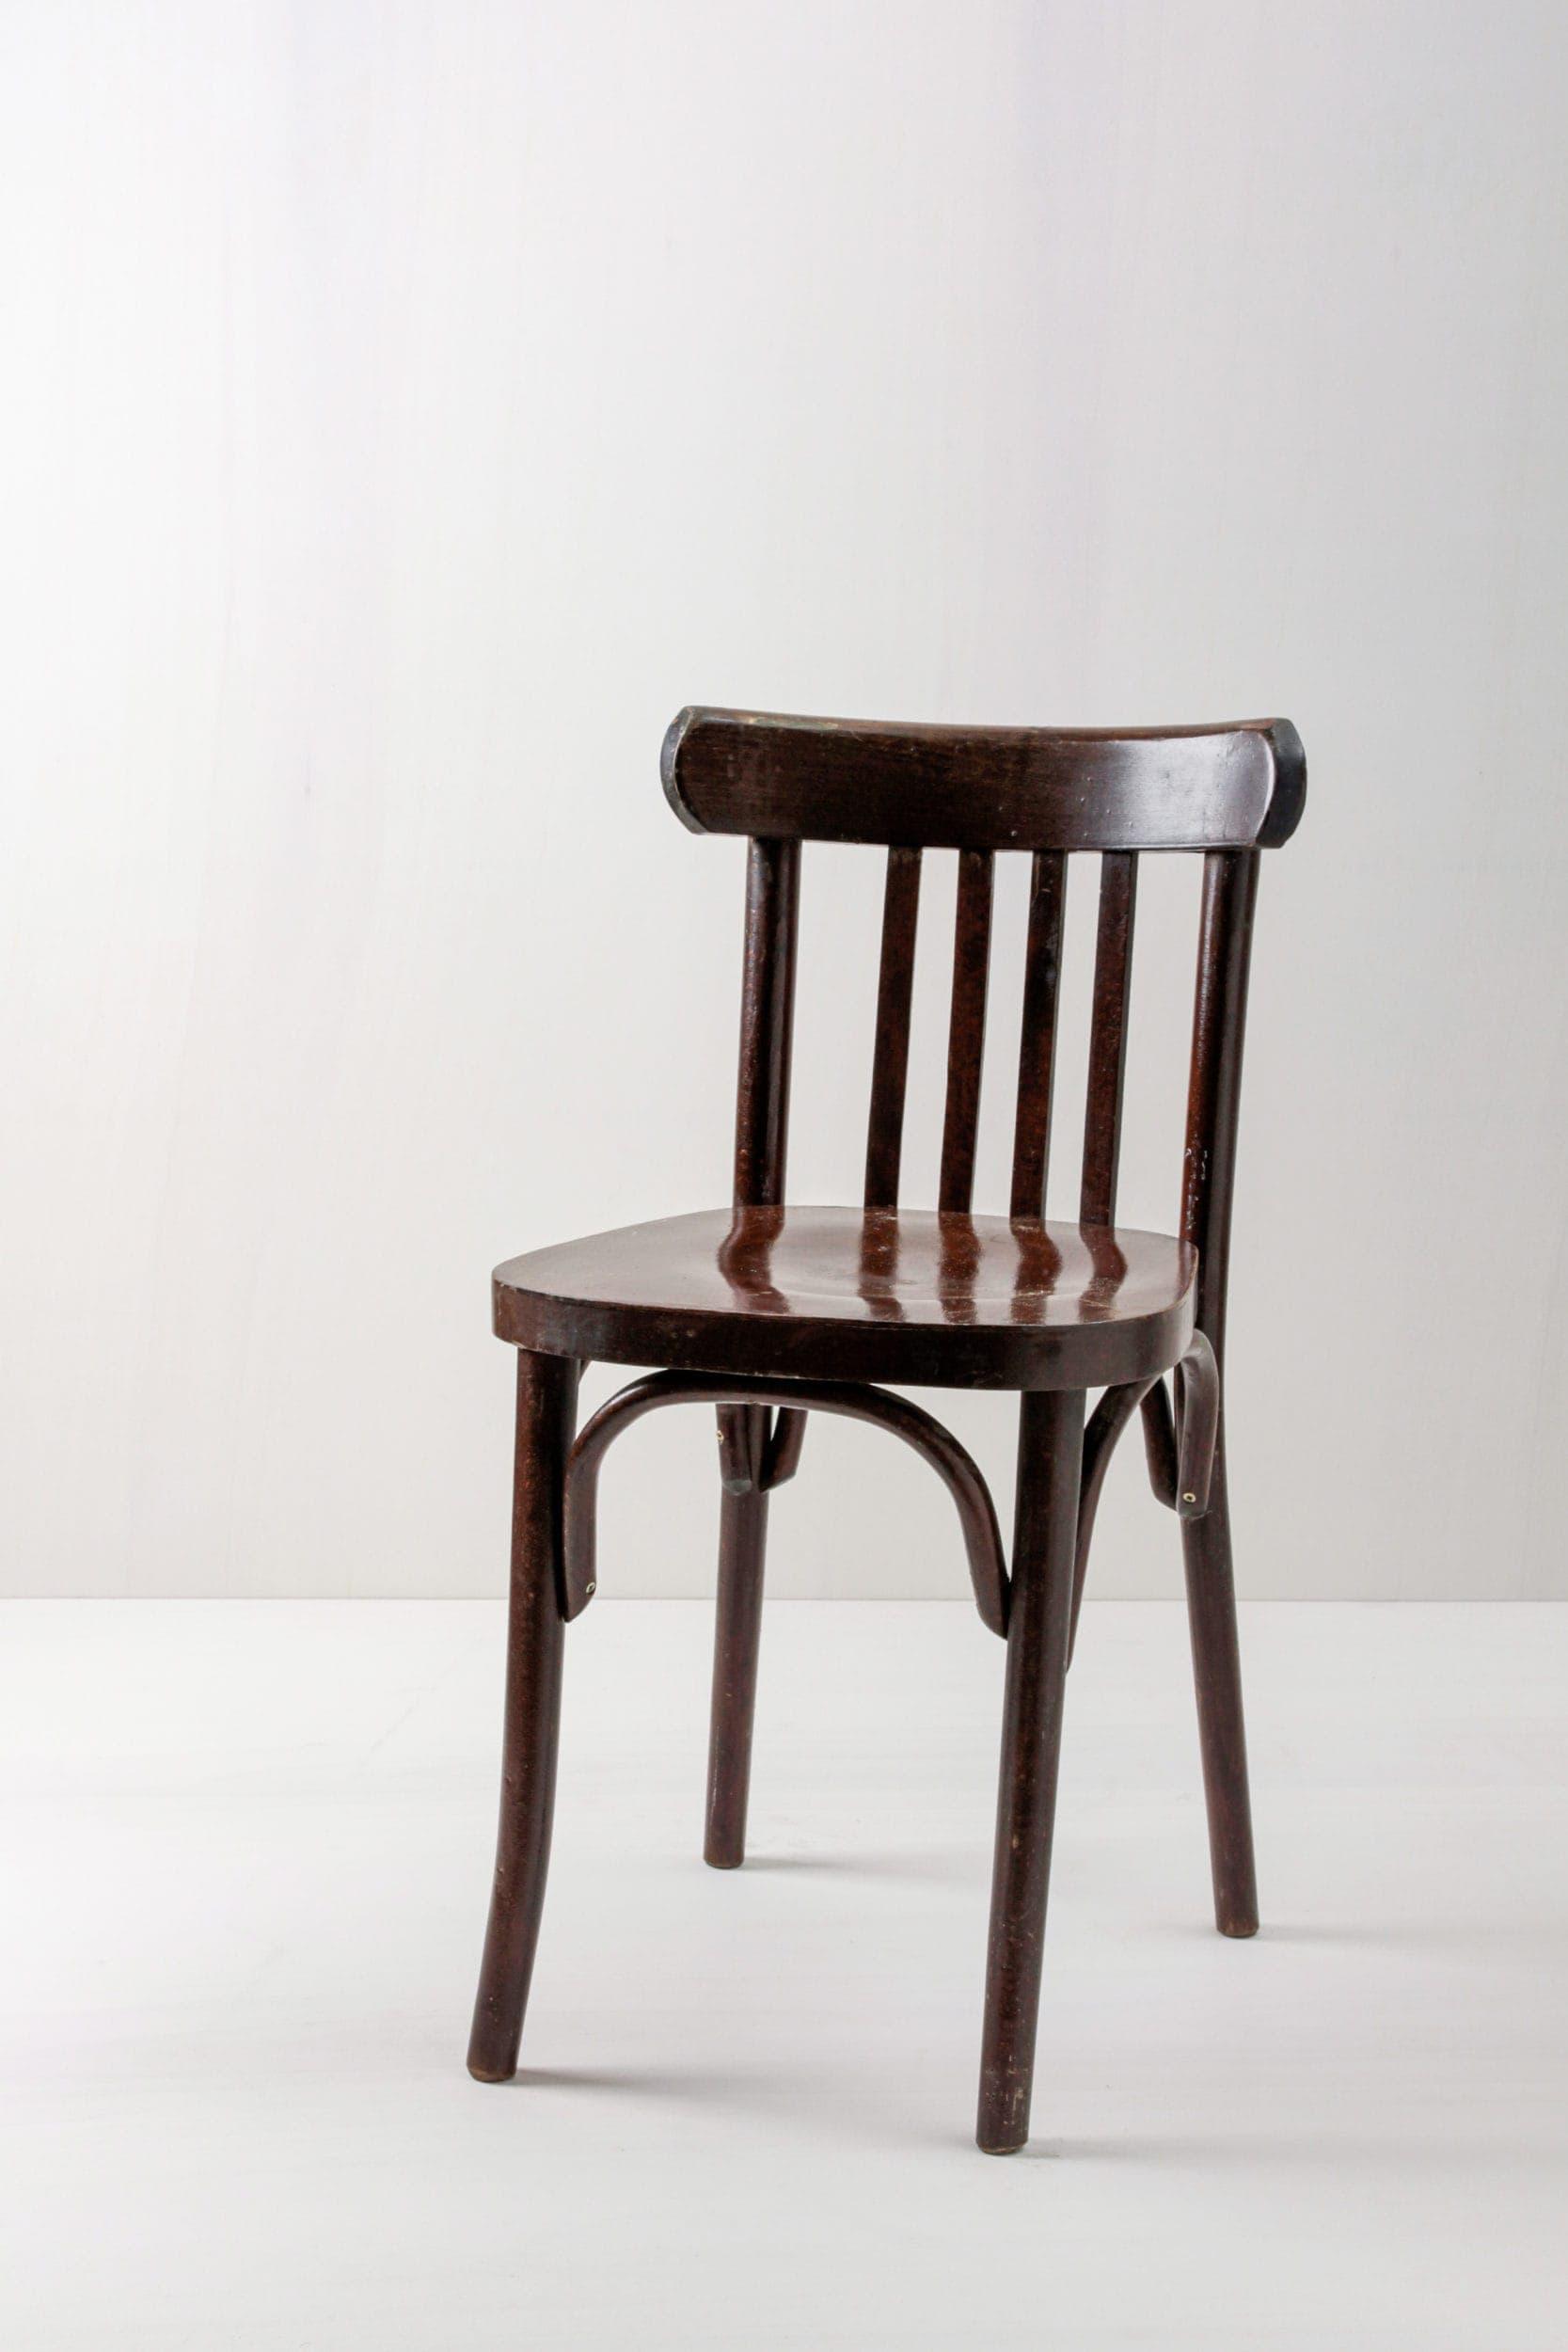 Veranstaltung bestuhlen, braune Holzstühle mieten